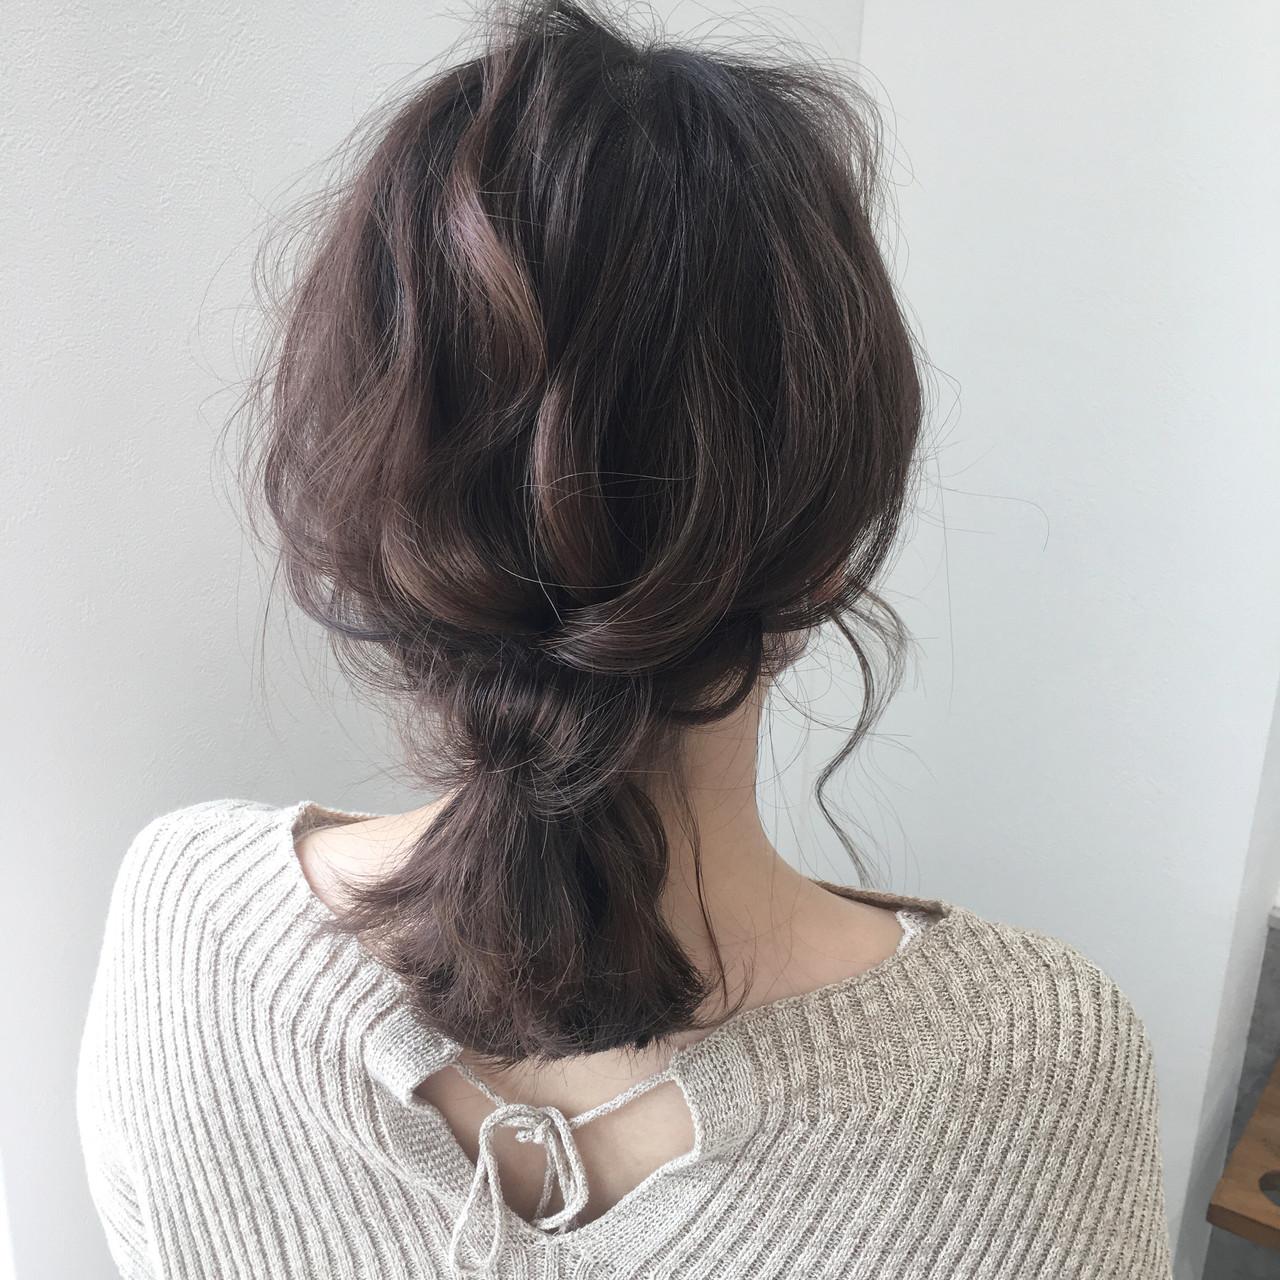 アッシュベージュ ローポニーテール ローポニー ベージュ ヘアスタイルや髪型の写真・画像